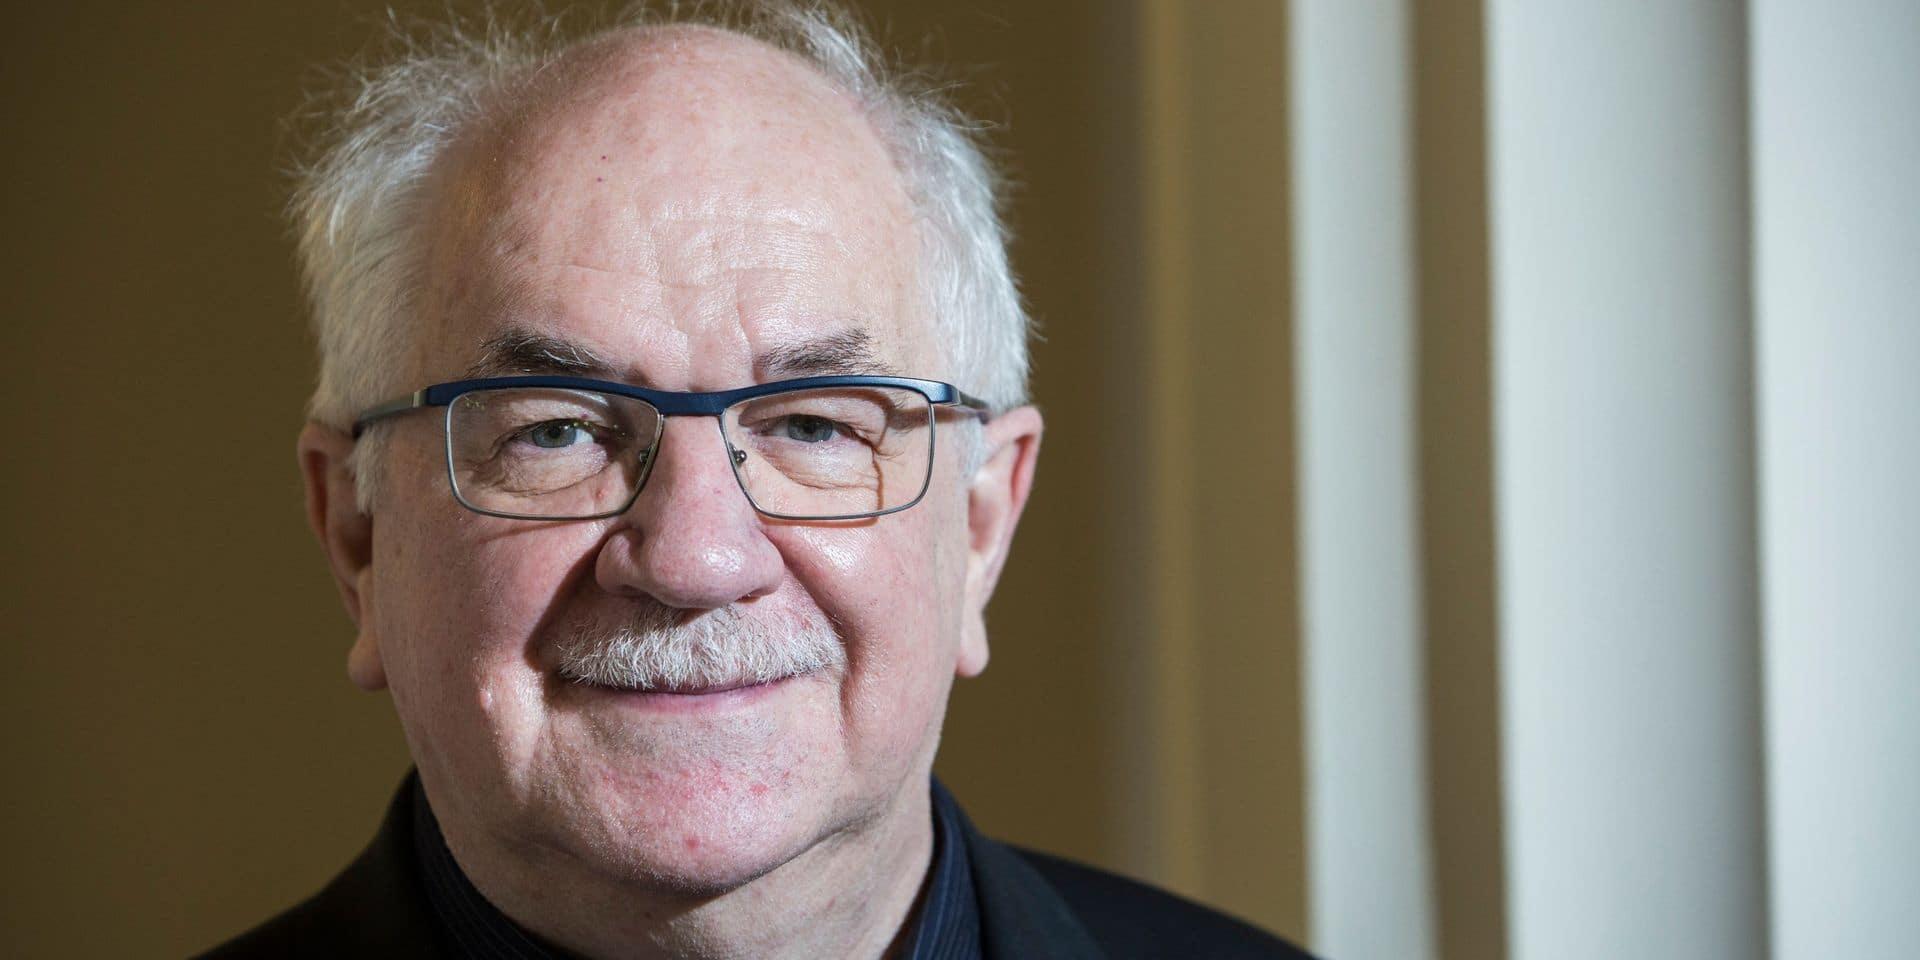 Richard Miller conseiller de Bouchez pour les questions culturelles et interculturelles